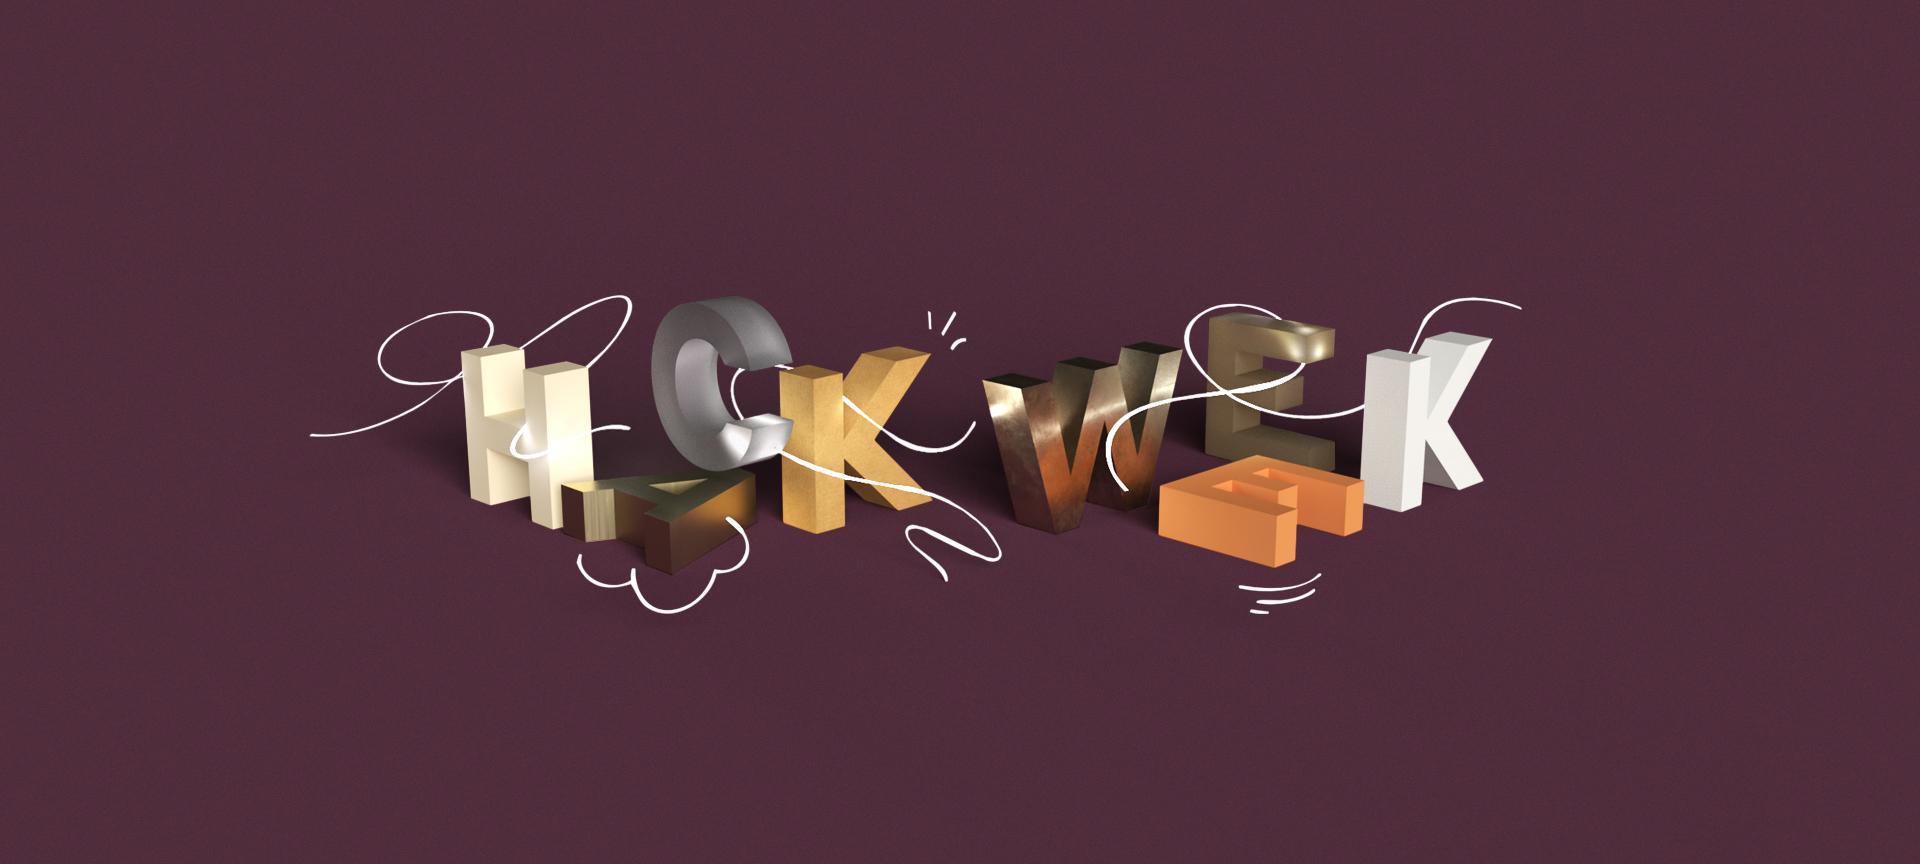 HackWeek